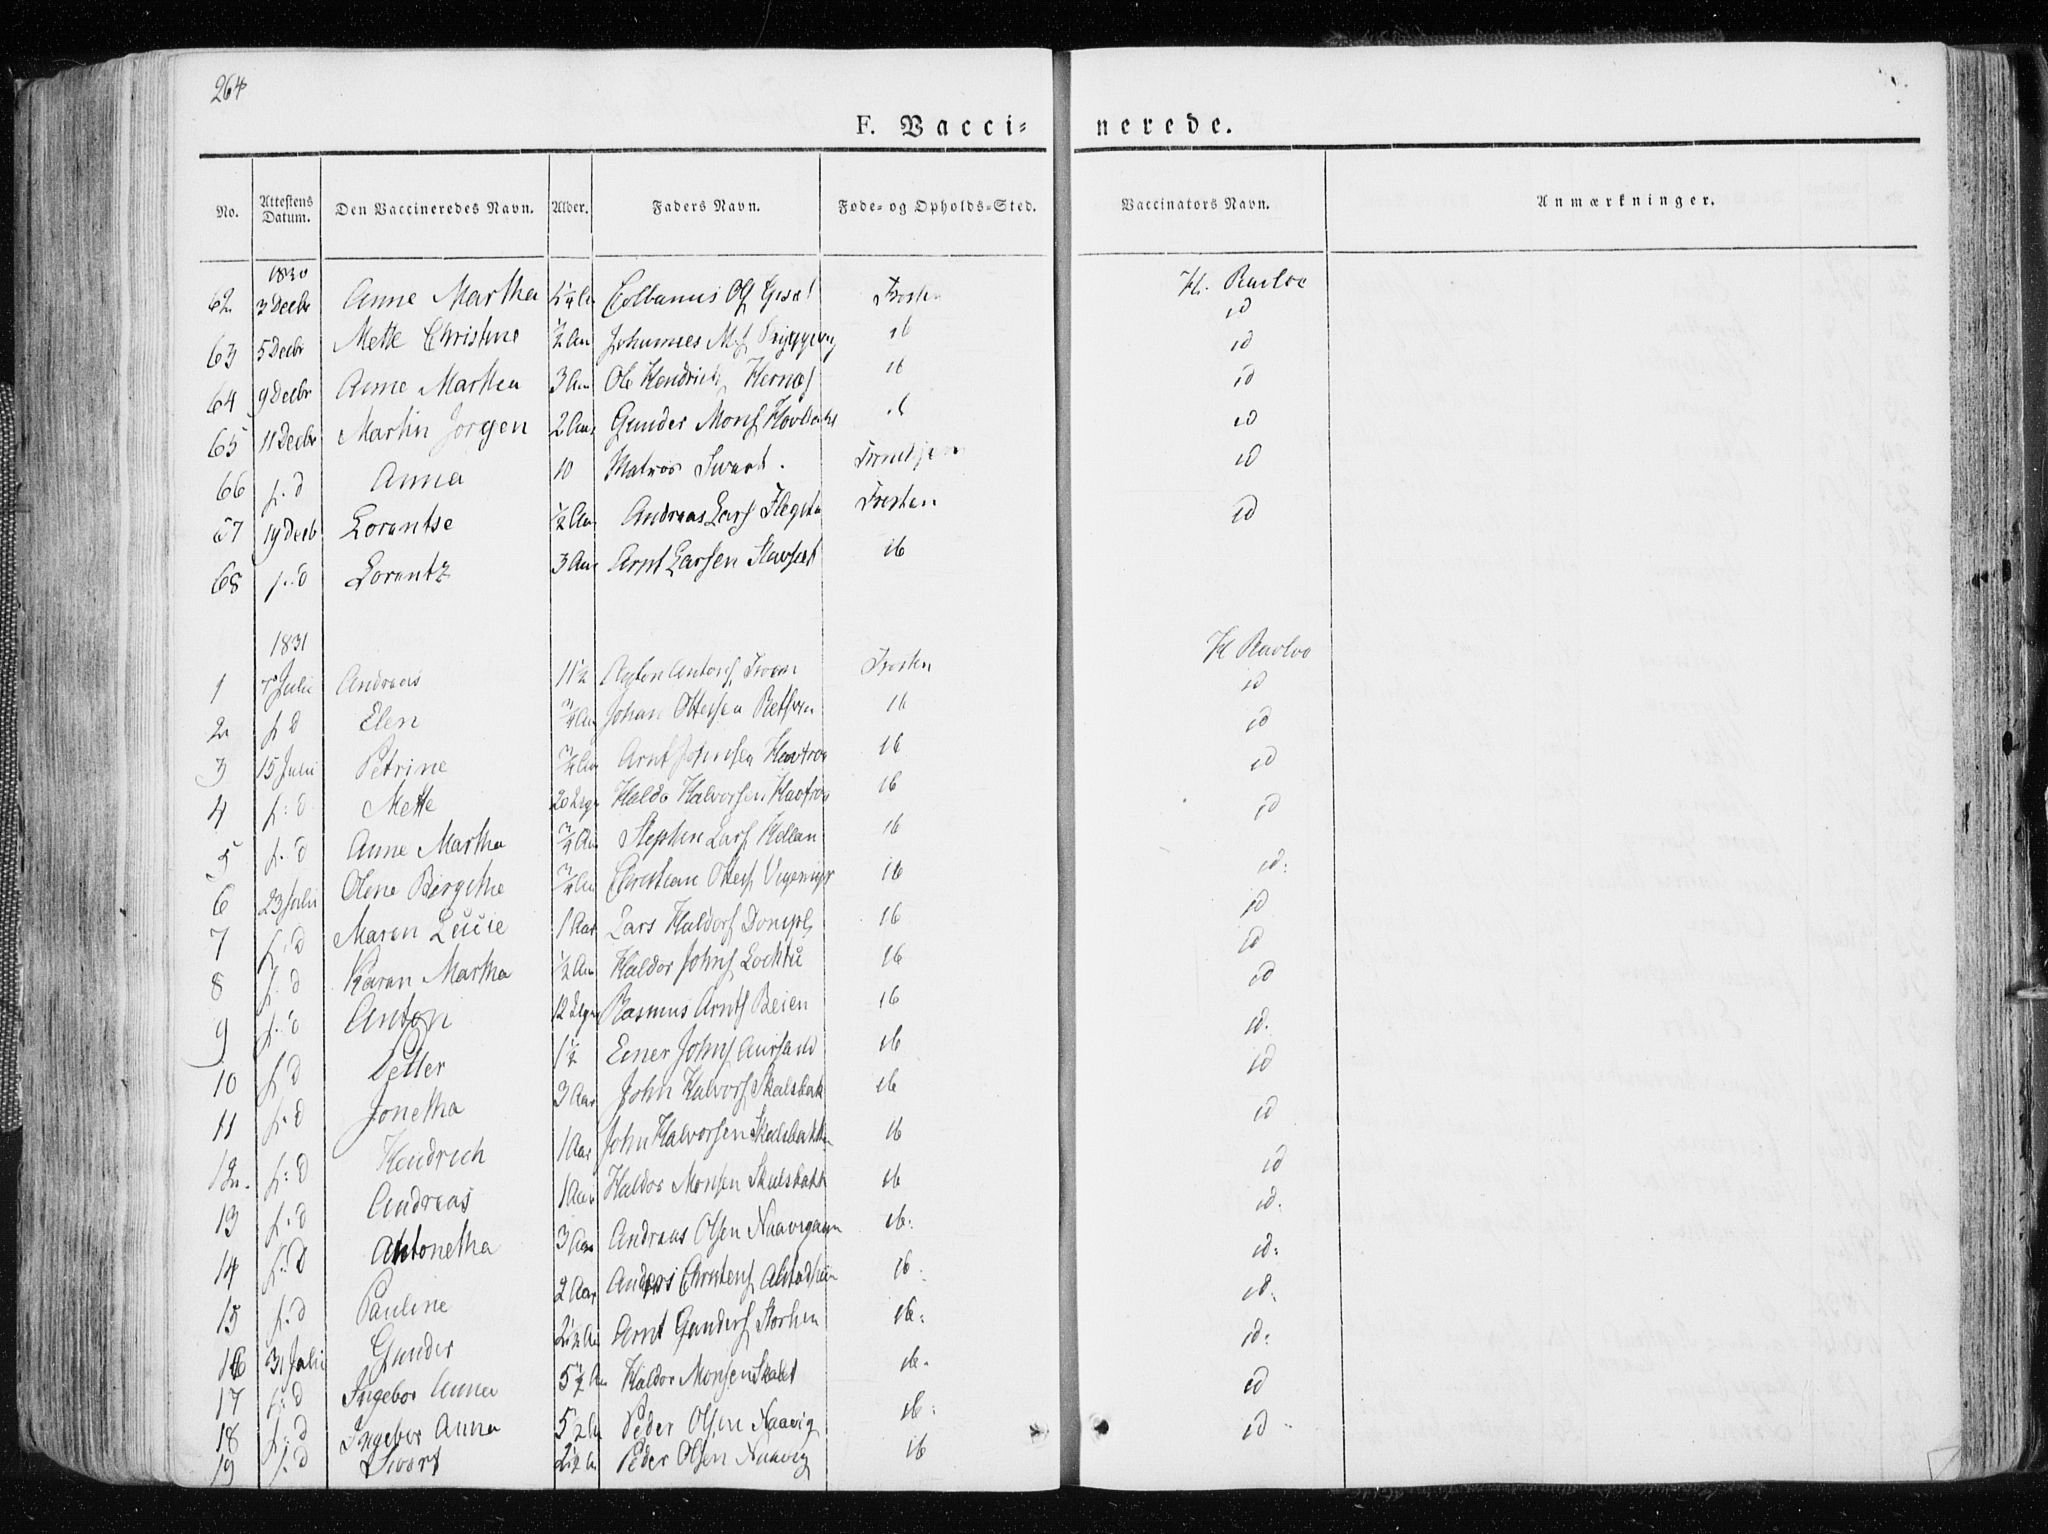 SAT, Ministerialprotokoller, klokkerbøker og fødselsregistre - Nord-Trøndelag, 713/L0114: Ministerialbok nr. 713A05, 1827-1839, s. 264